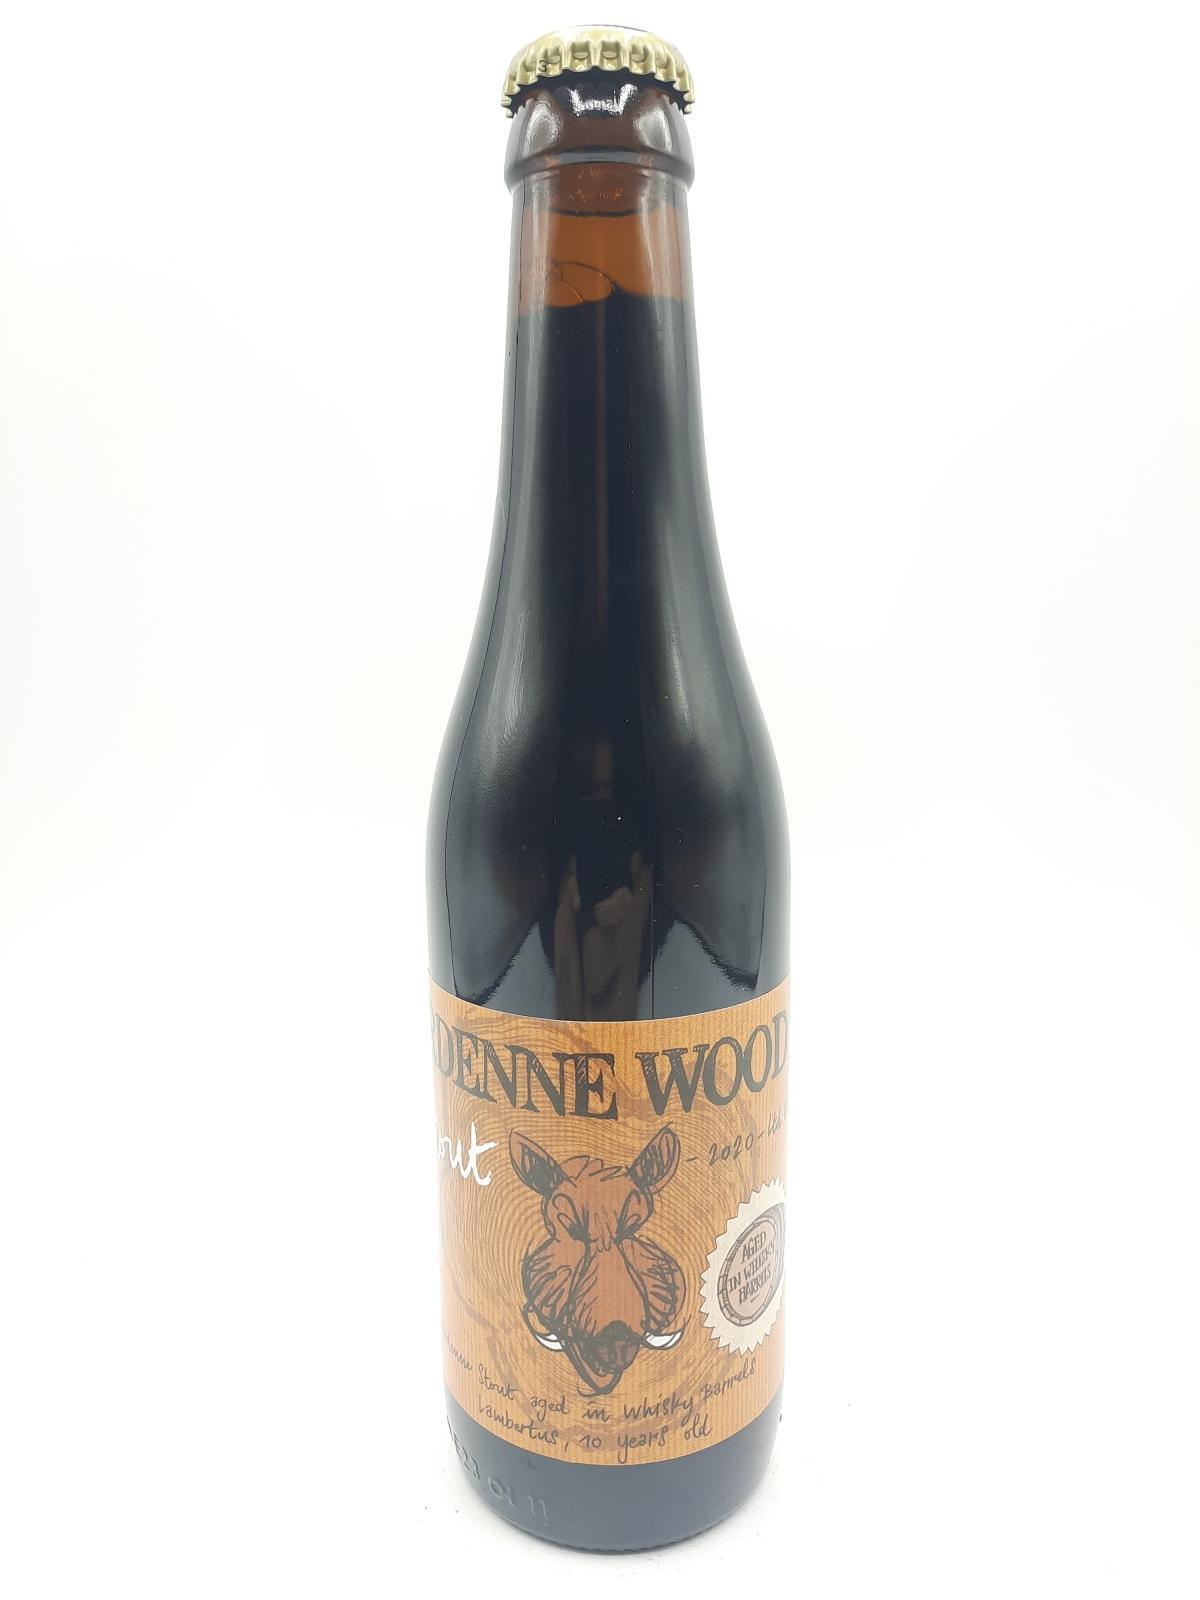 Img Ardenne Wood